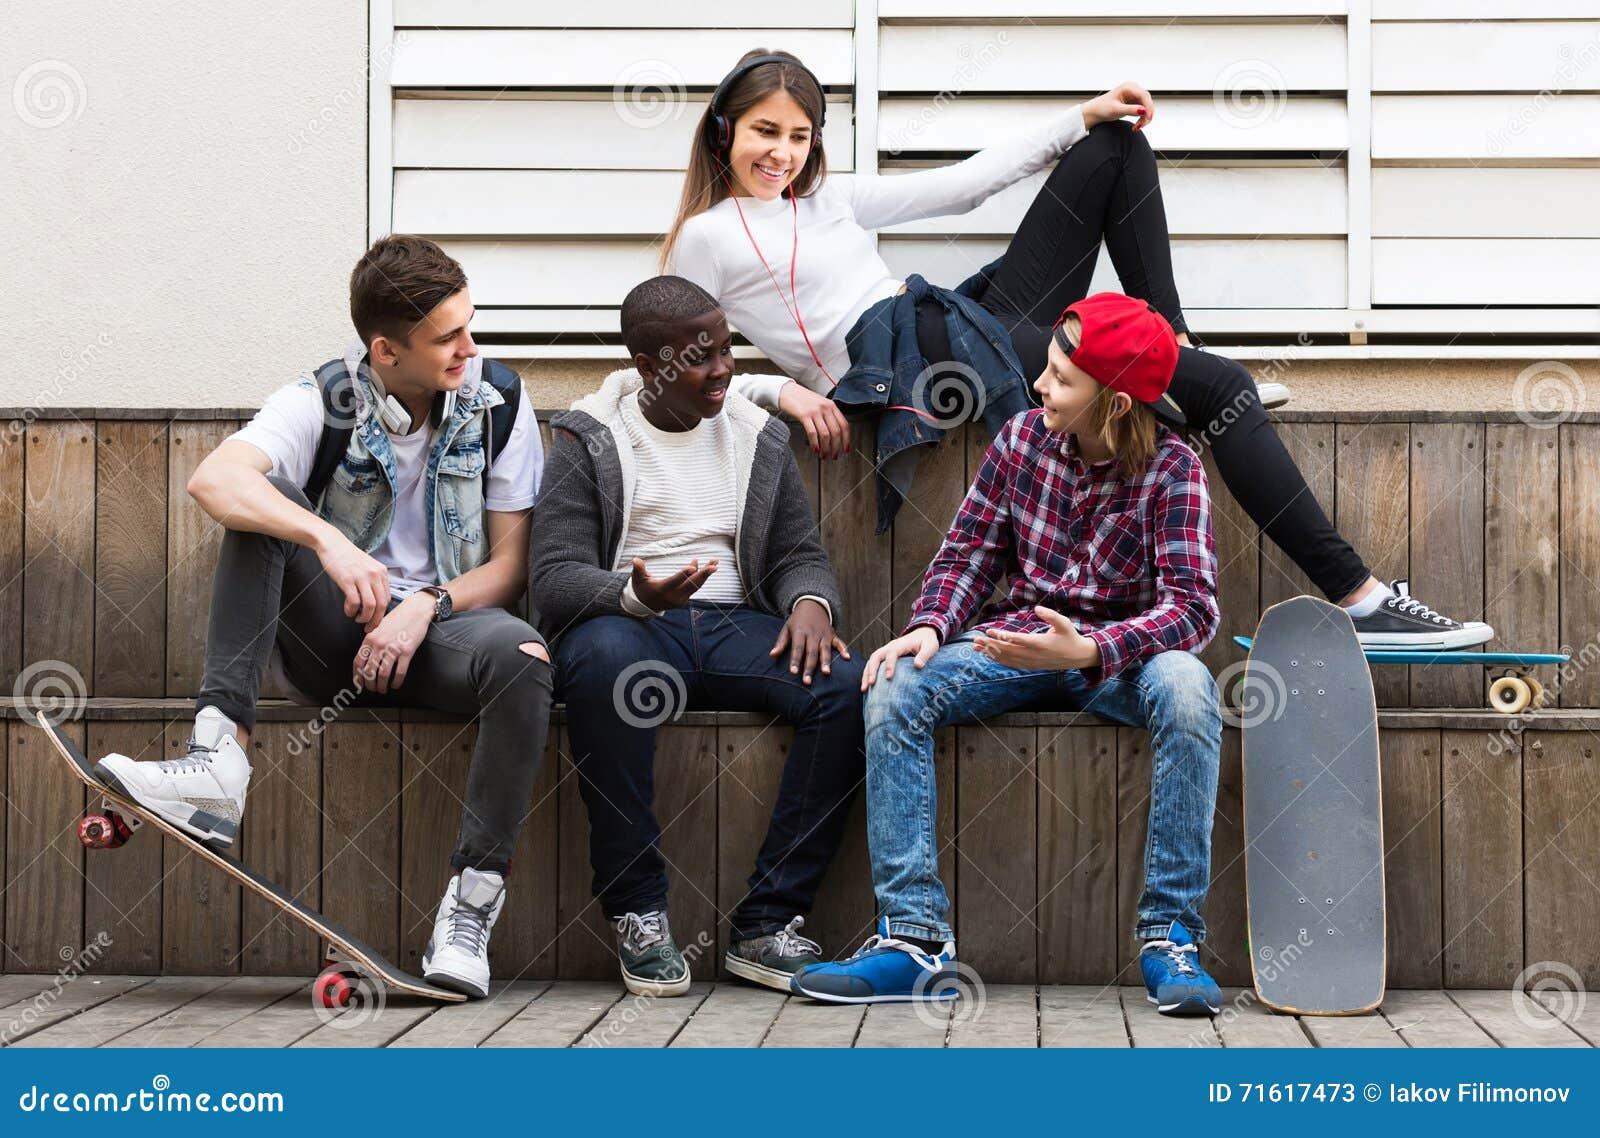 Uit in openlucht en meisje en drie jongens die somethin hangen bespreken stock afbeelding - Twee meisjes en een jongen ...